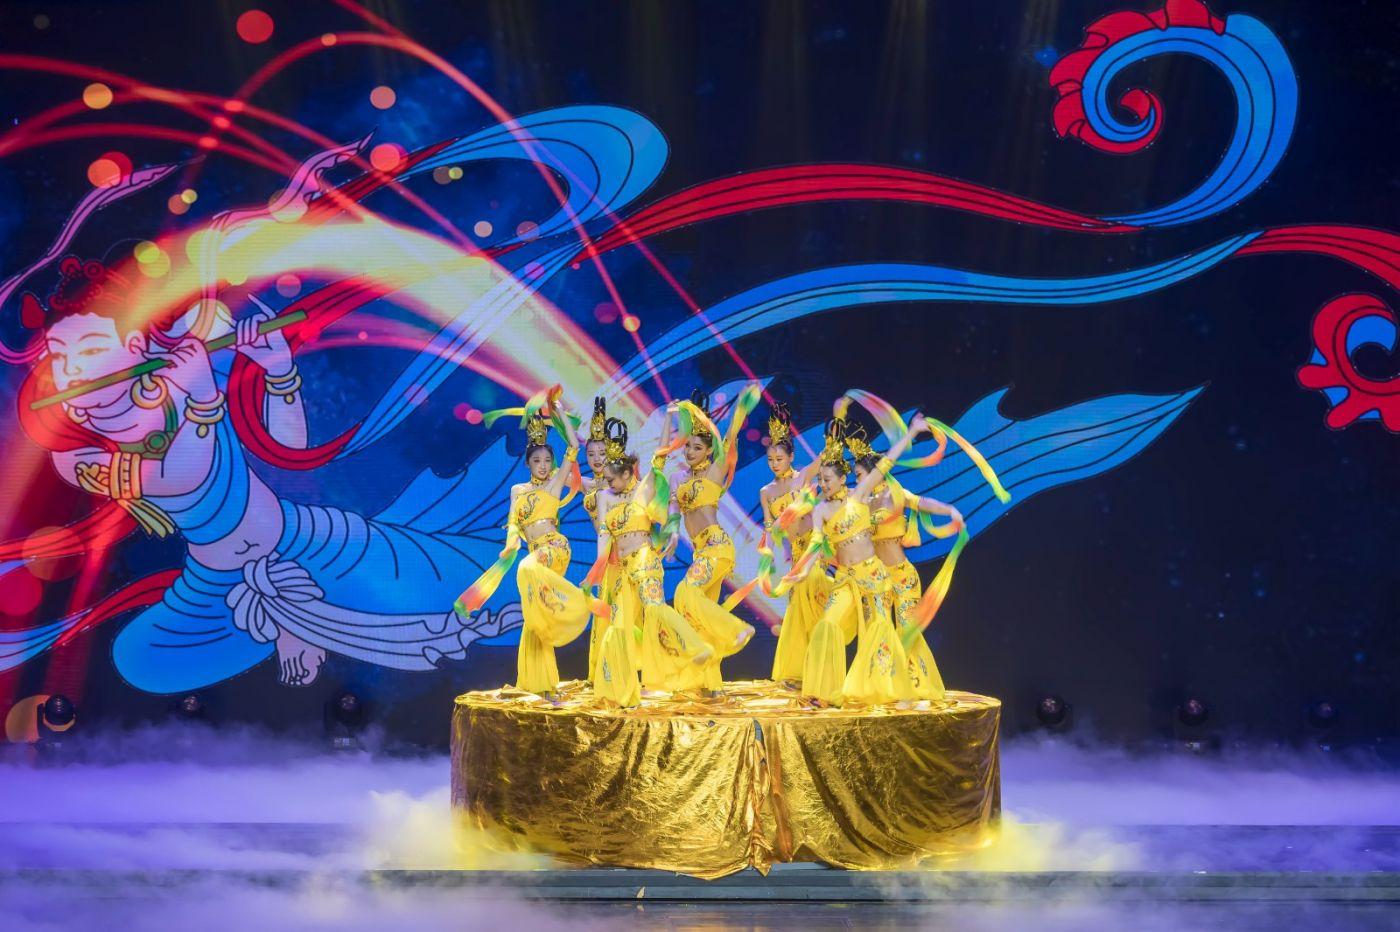 沂蒙大地上 有一种舞蹈叫飞天 这是几位临沂女孩的杰作 美轮美奂 ..._图1-67